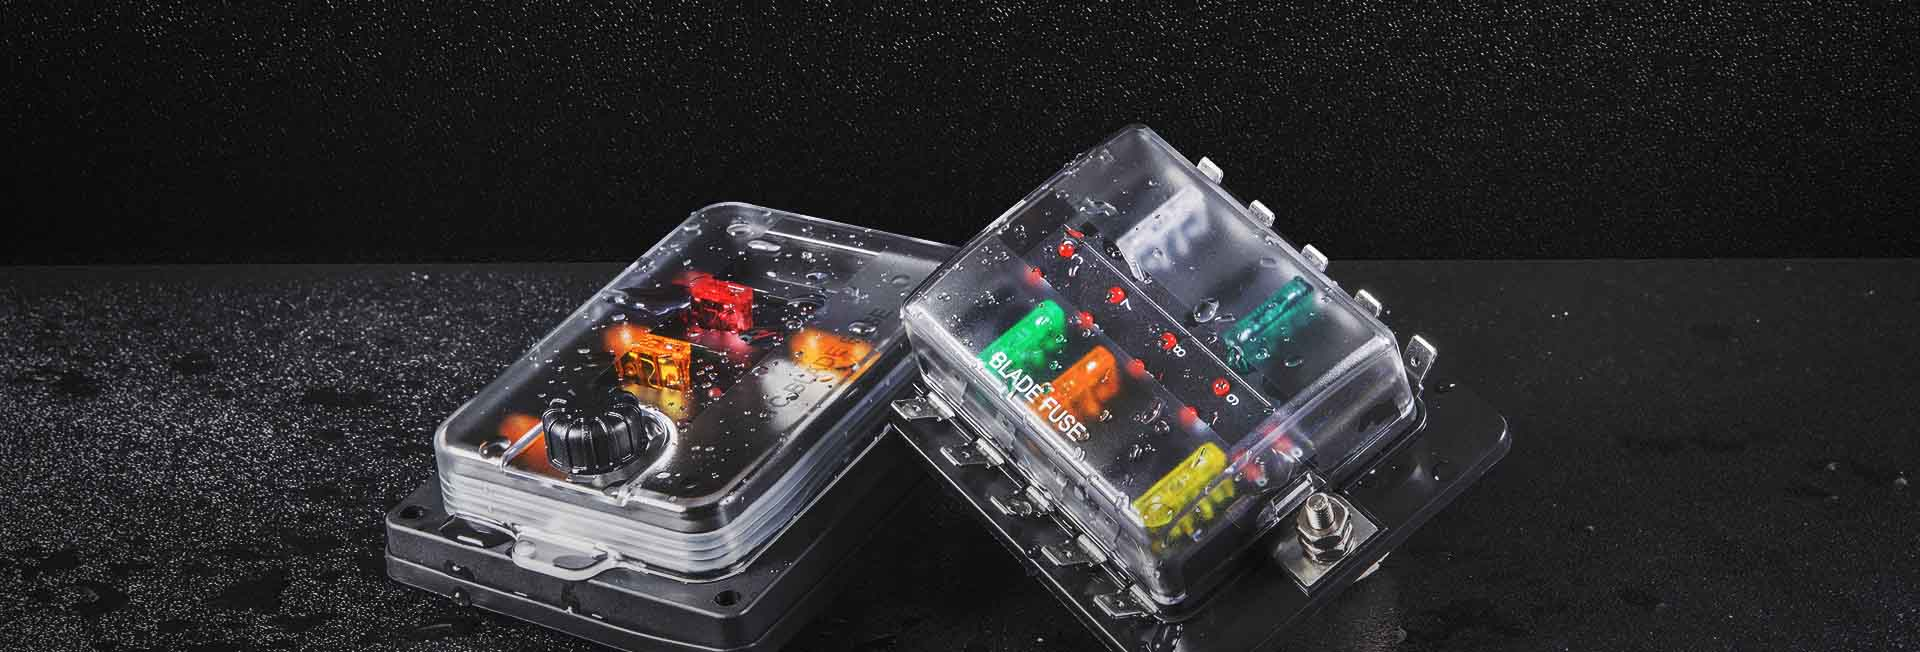 hight resolution of ambulance fuse box zu eokcrftu medicinalbeauty info u2022 ho scale ambulance box ambulance fuse box